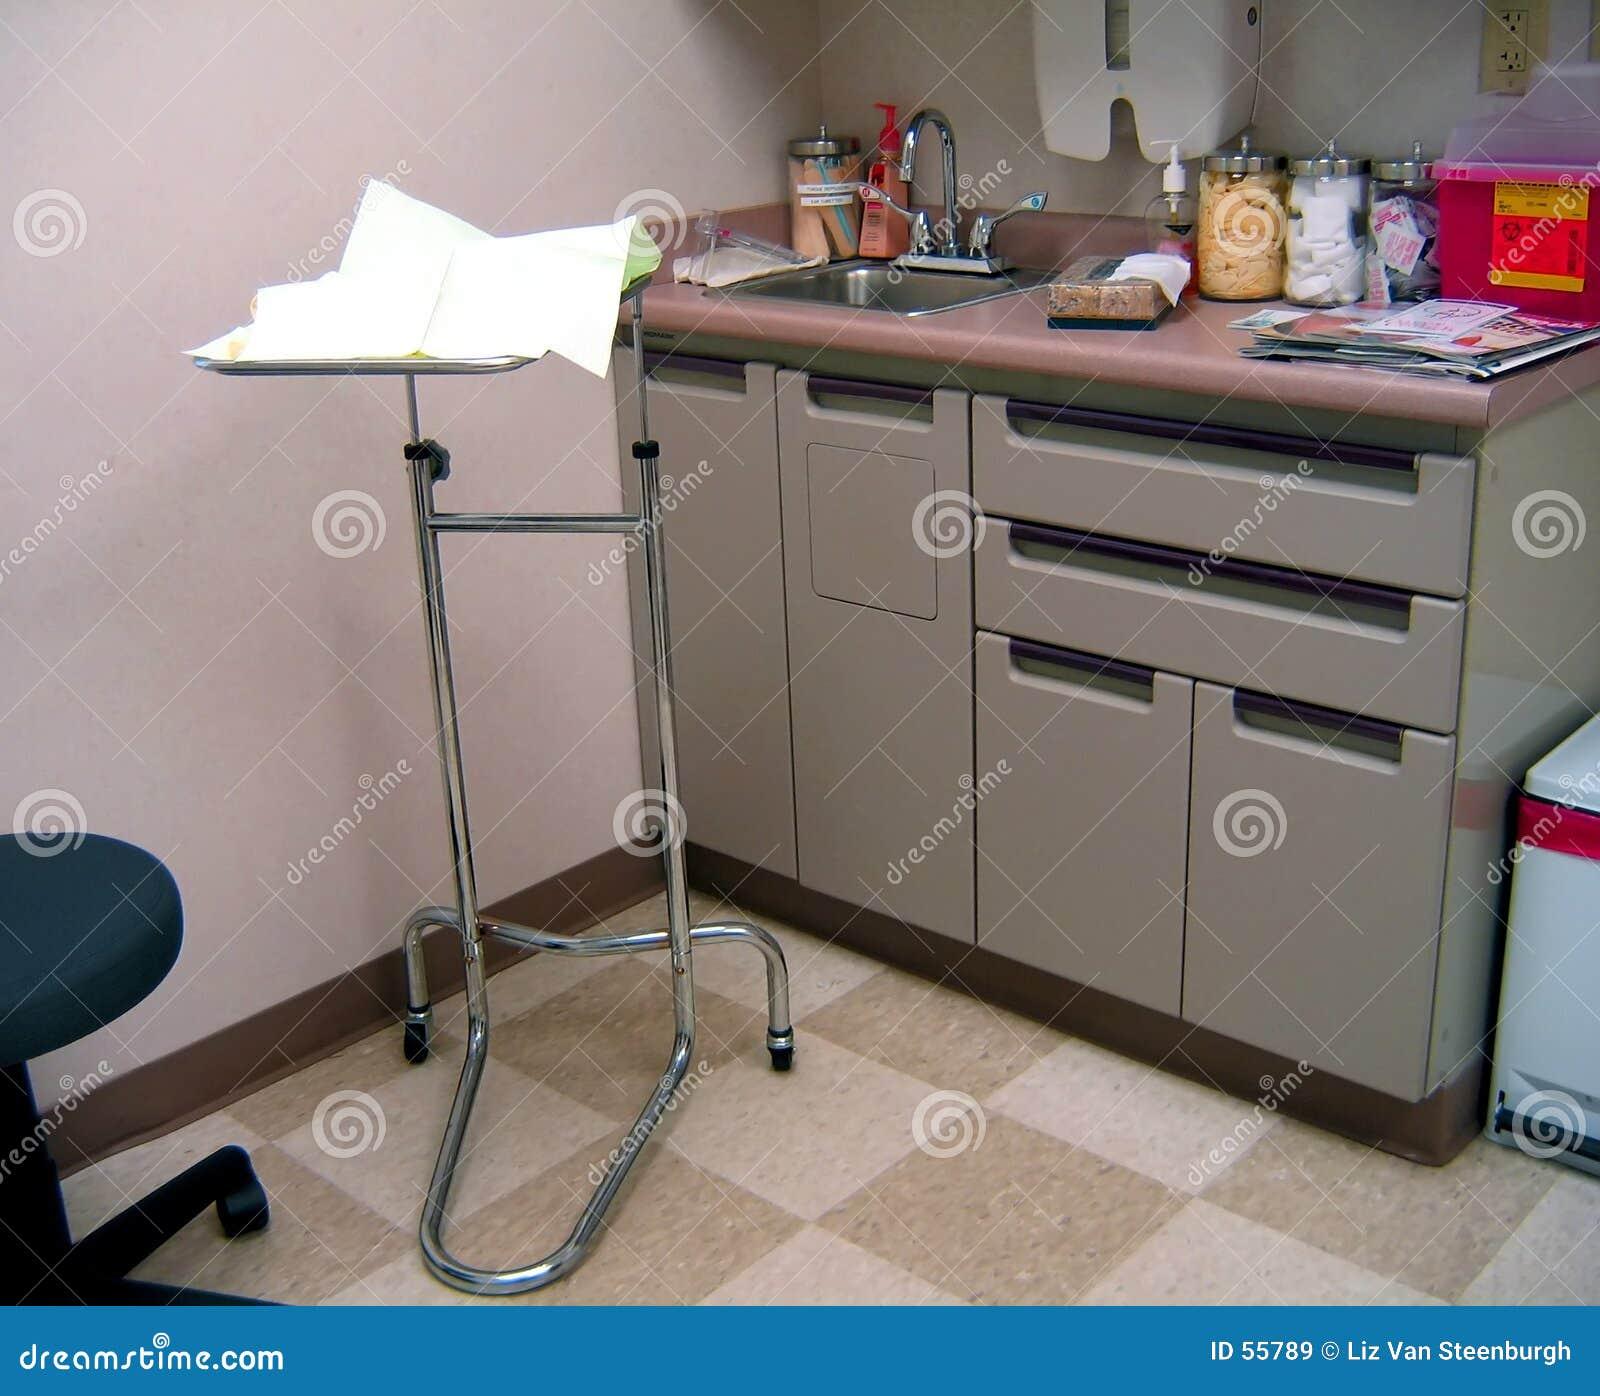 Download Le poste de travail image stock. Image du médical, approvisionnements - 55789